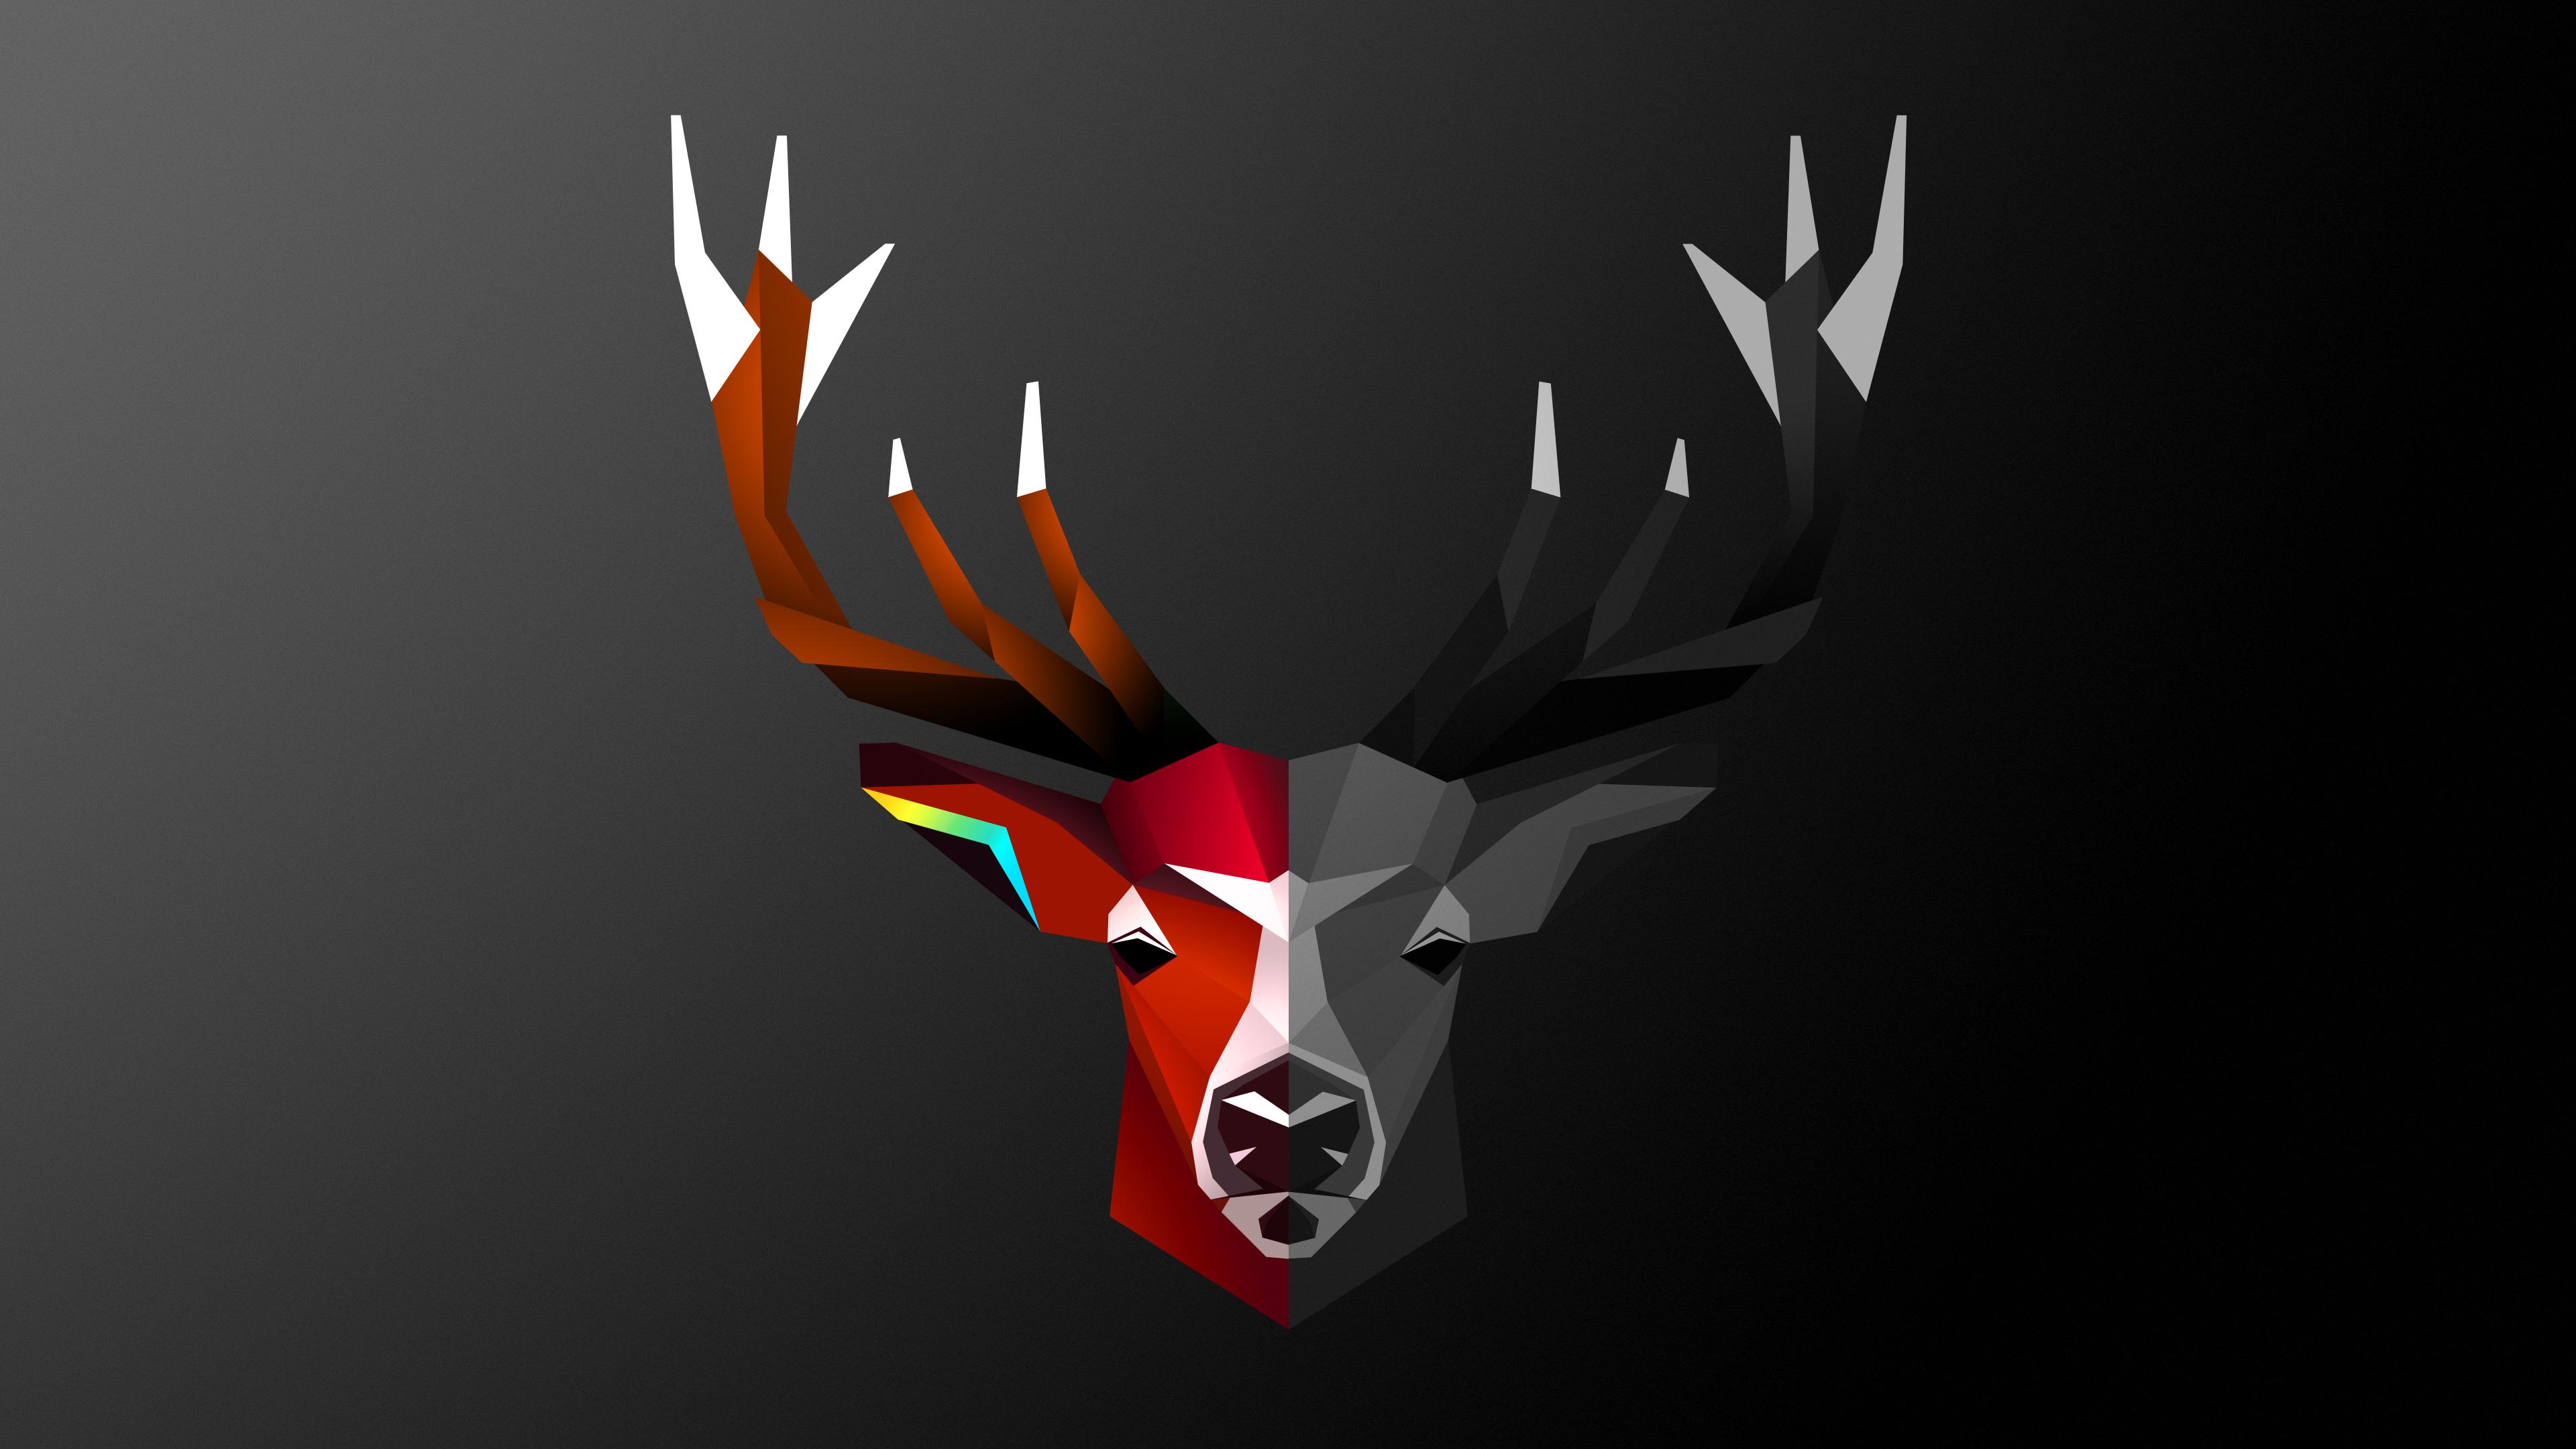 Wallpaper Pubg 2560x1440 Abstract Deer 4k 1440p Resolution Hd 4k